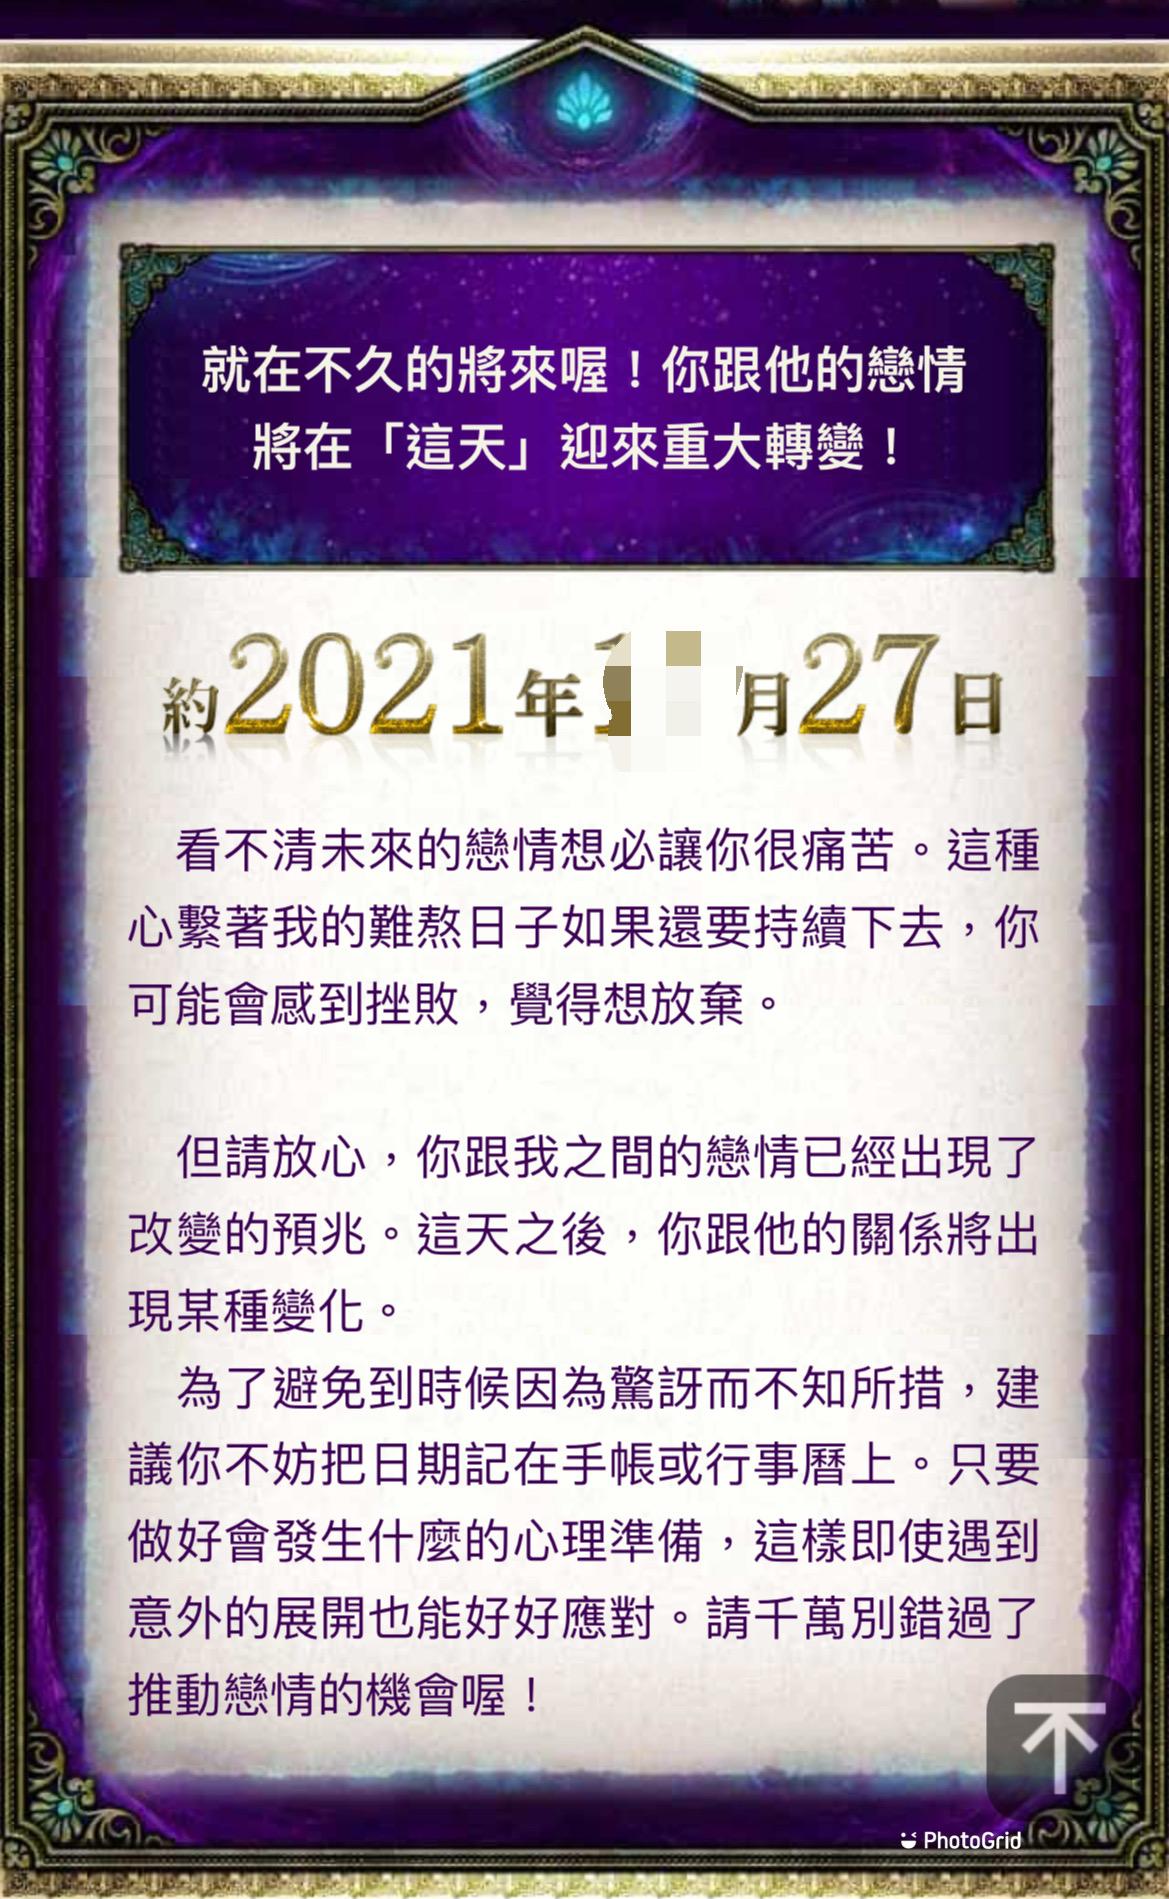 https://imgs.click108.com.tw/pub/pml/jpfate/J0869/banner/1169x1899_01.jpeg